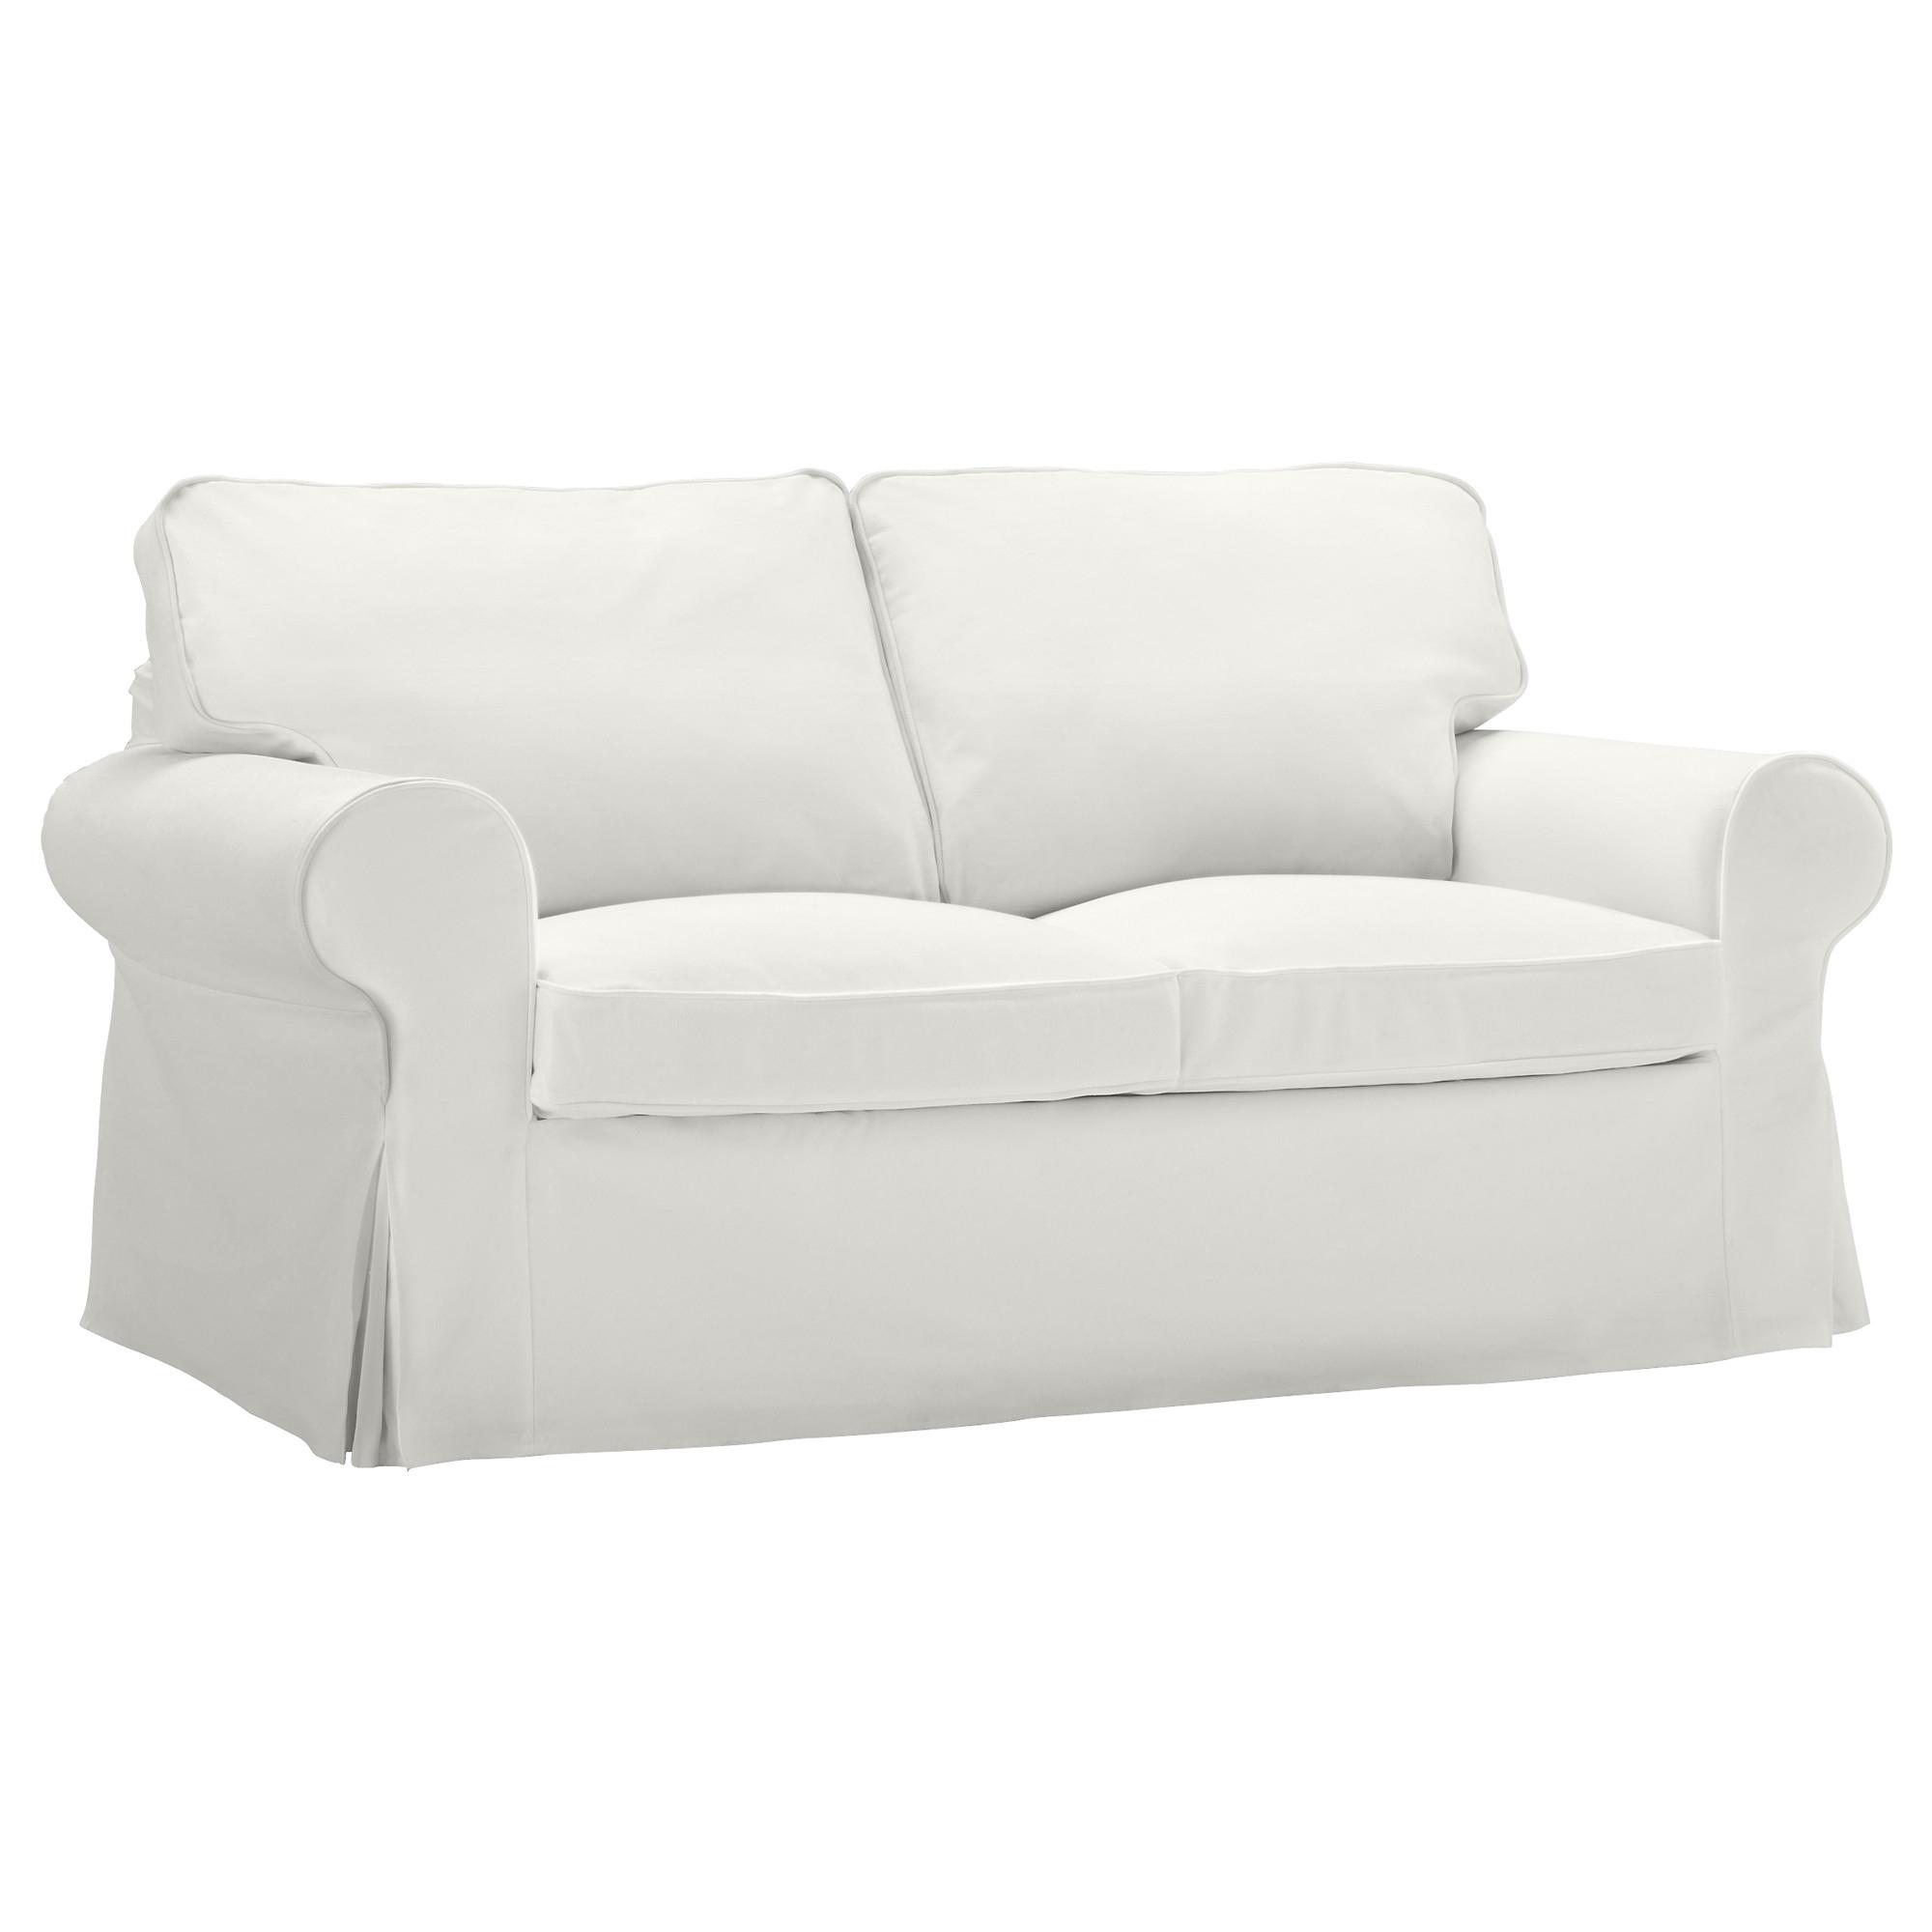 Ikea Two Seater Sofas Regarding Latest Ektorp Two Seat Sofa Blekinge White – Ikea (View 14 of 15)